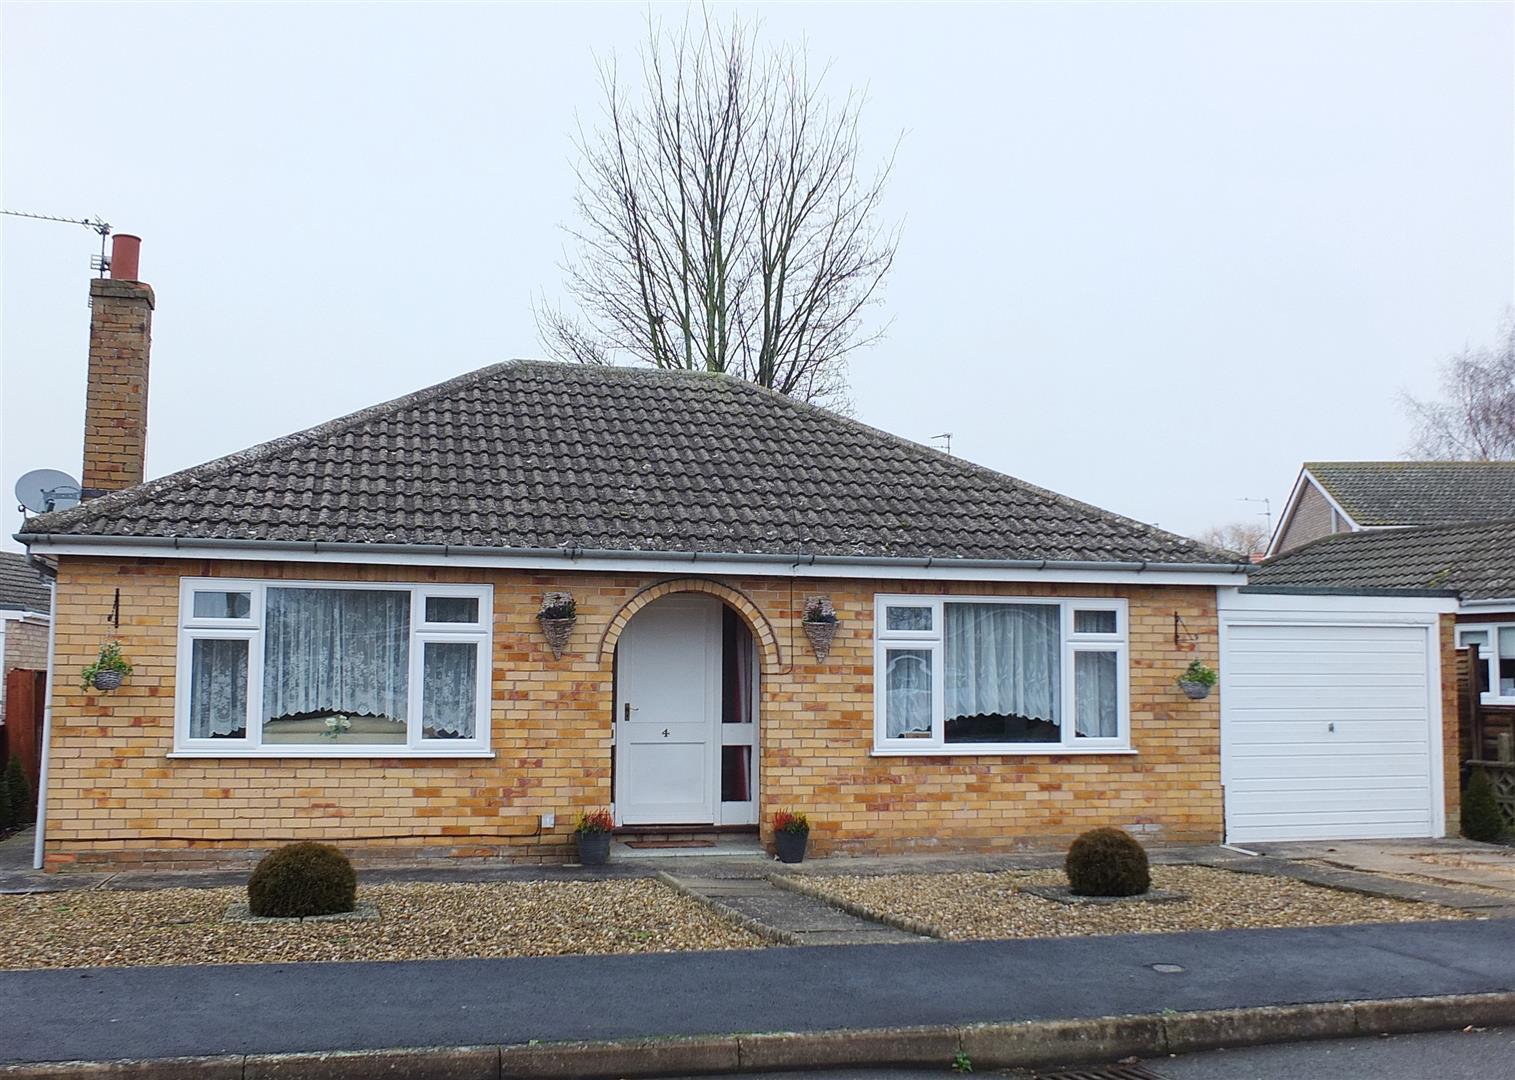 2 bed detached bungalow for sale in Long Sutton Spalding, PE12 9DU 0